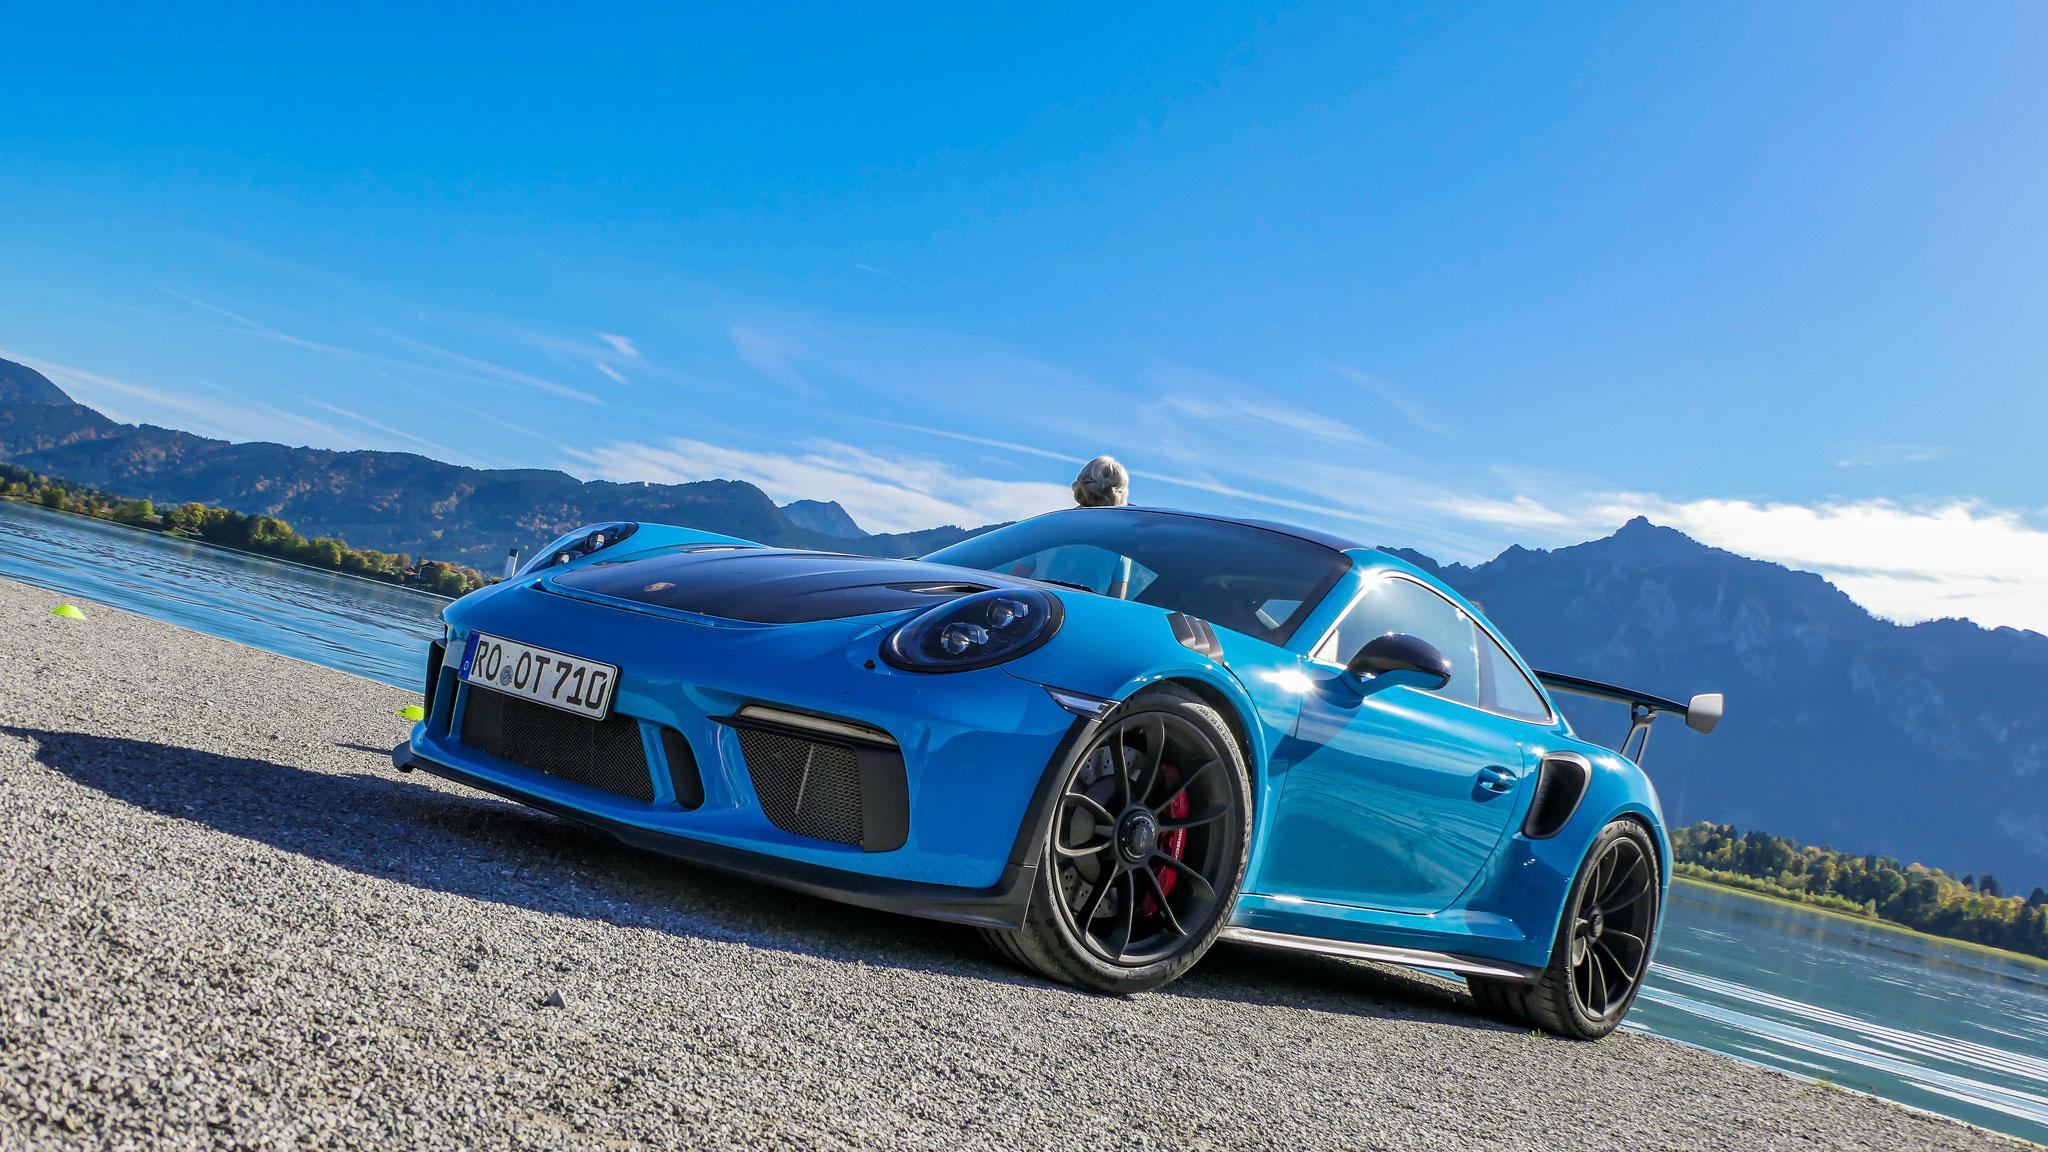 Porsche 911 991.2 GT3 RS - RO-OT-710